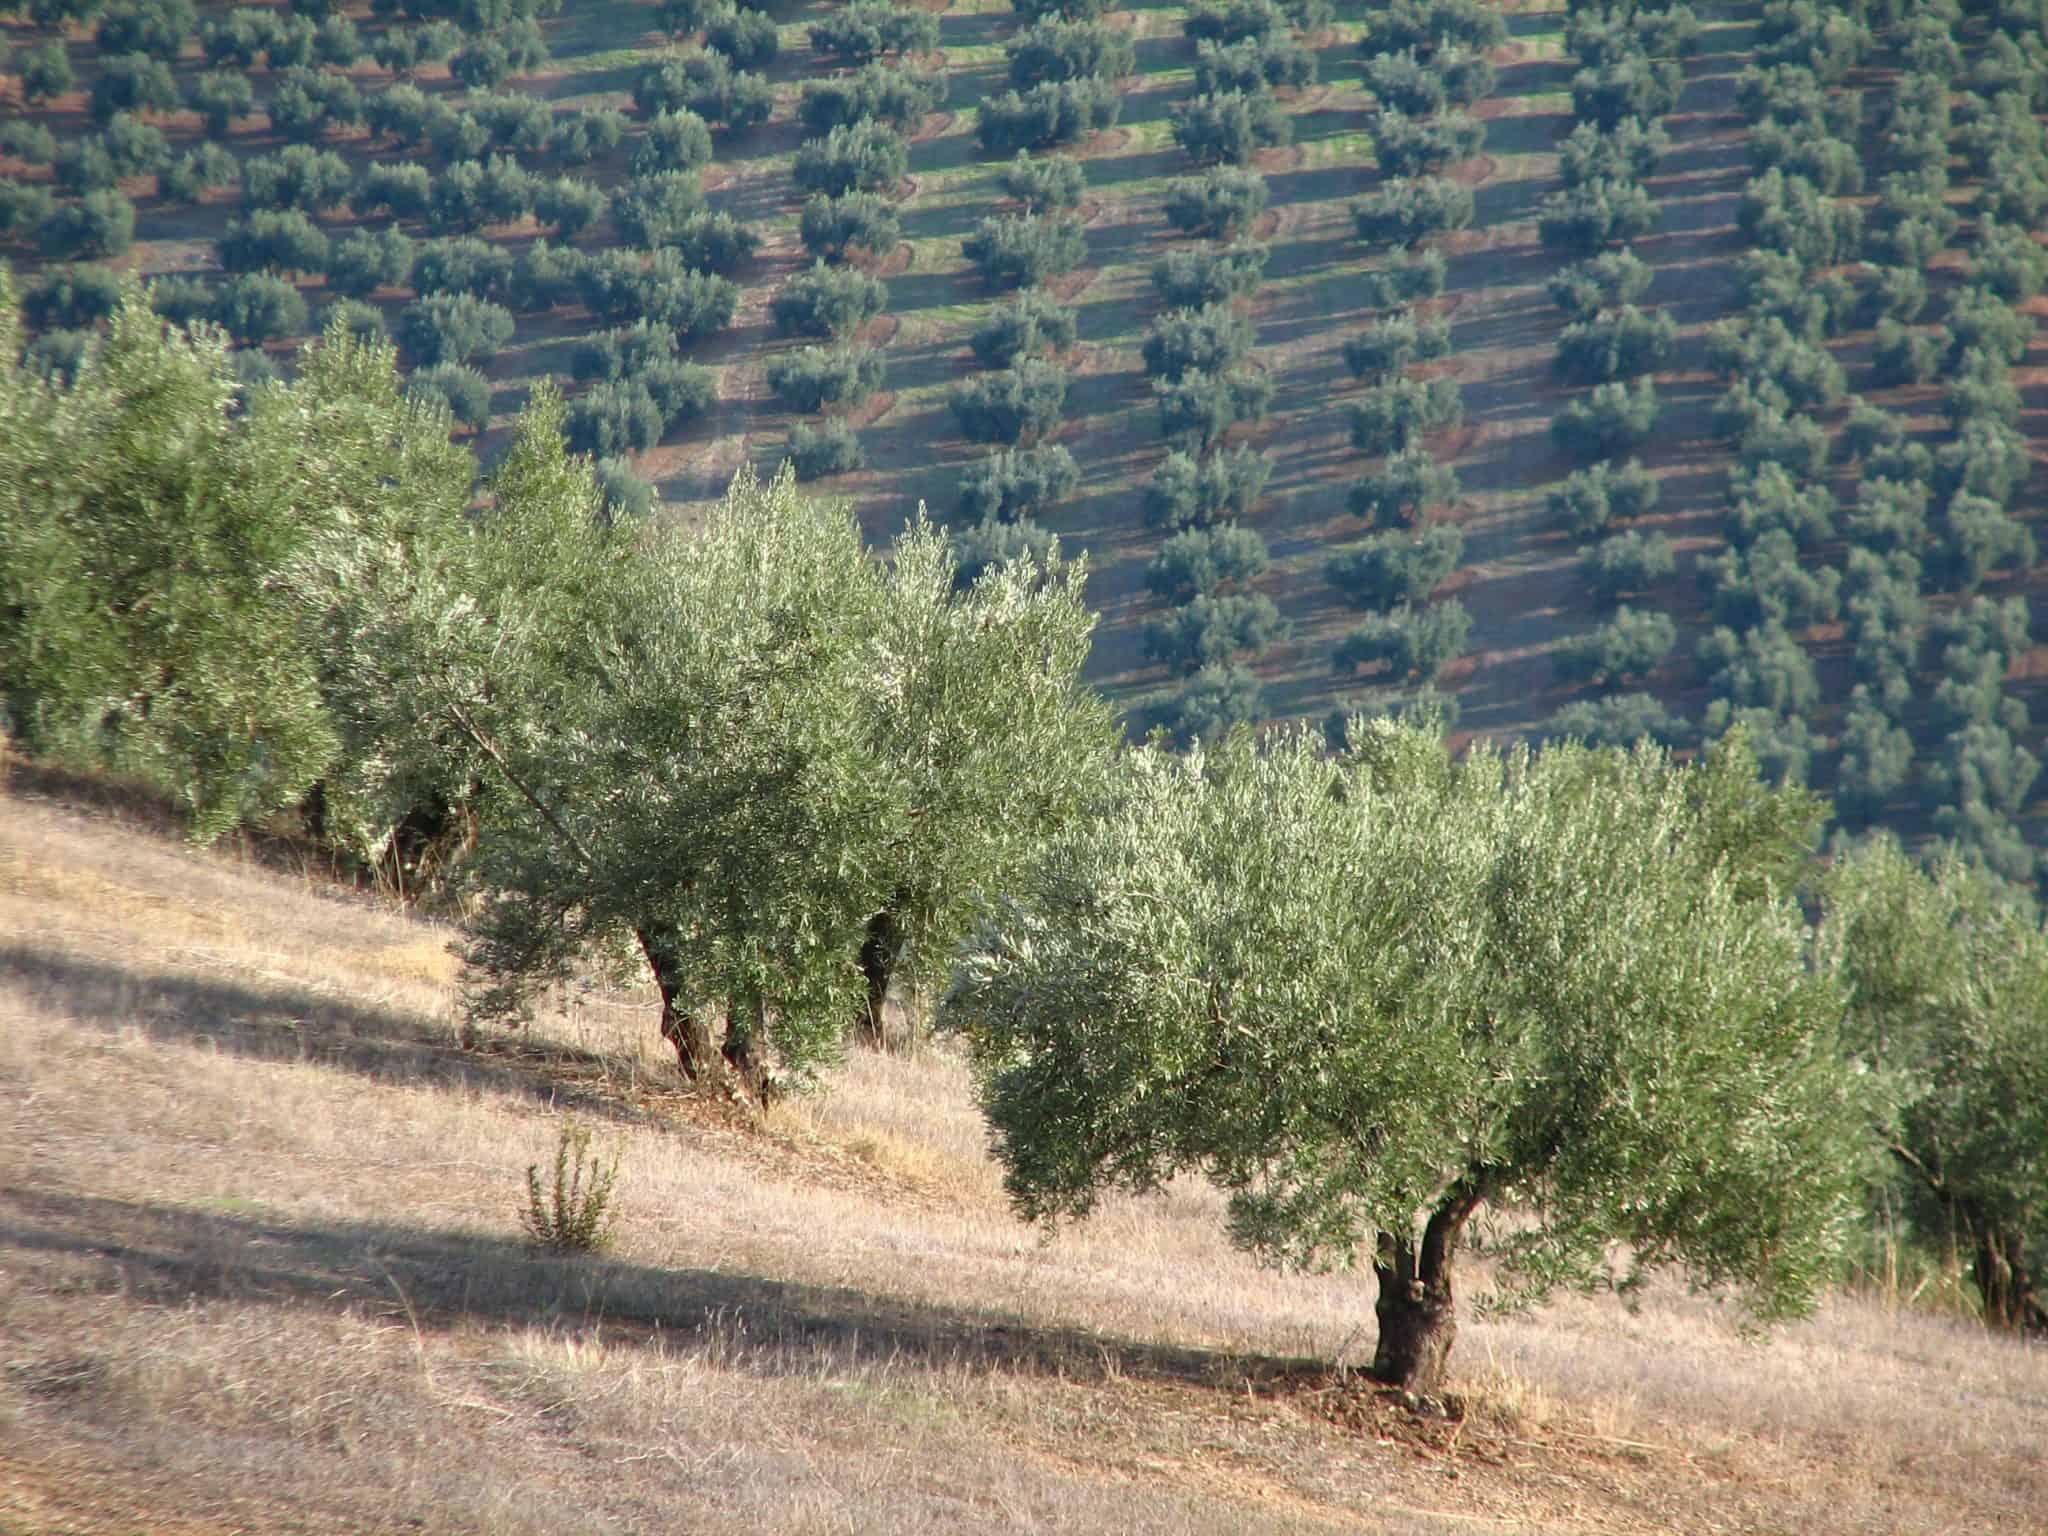 Plaga de insectos en olivos